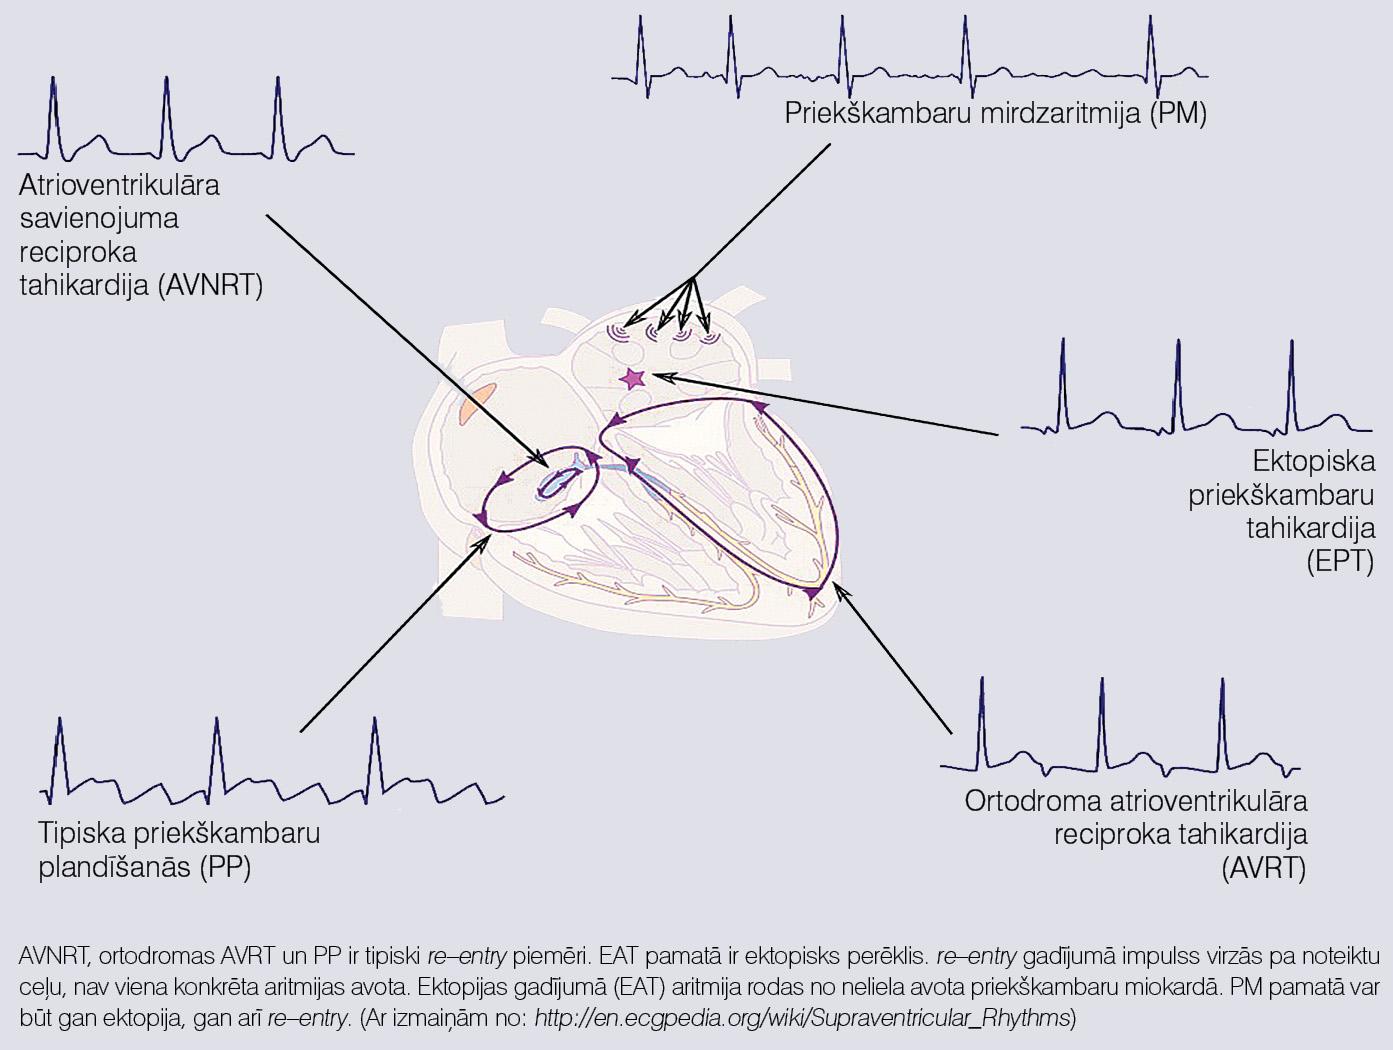 Ektopiska un re–entry mehānismu salīdzinājums uz šauru QRS kompleksu tahikardiju piemēra